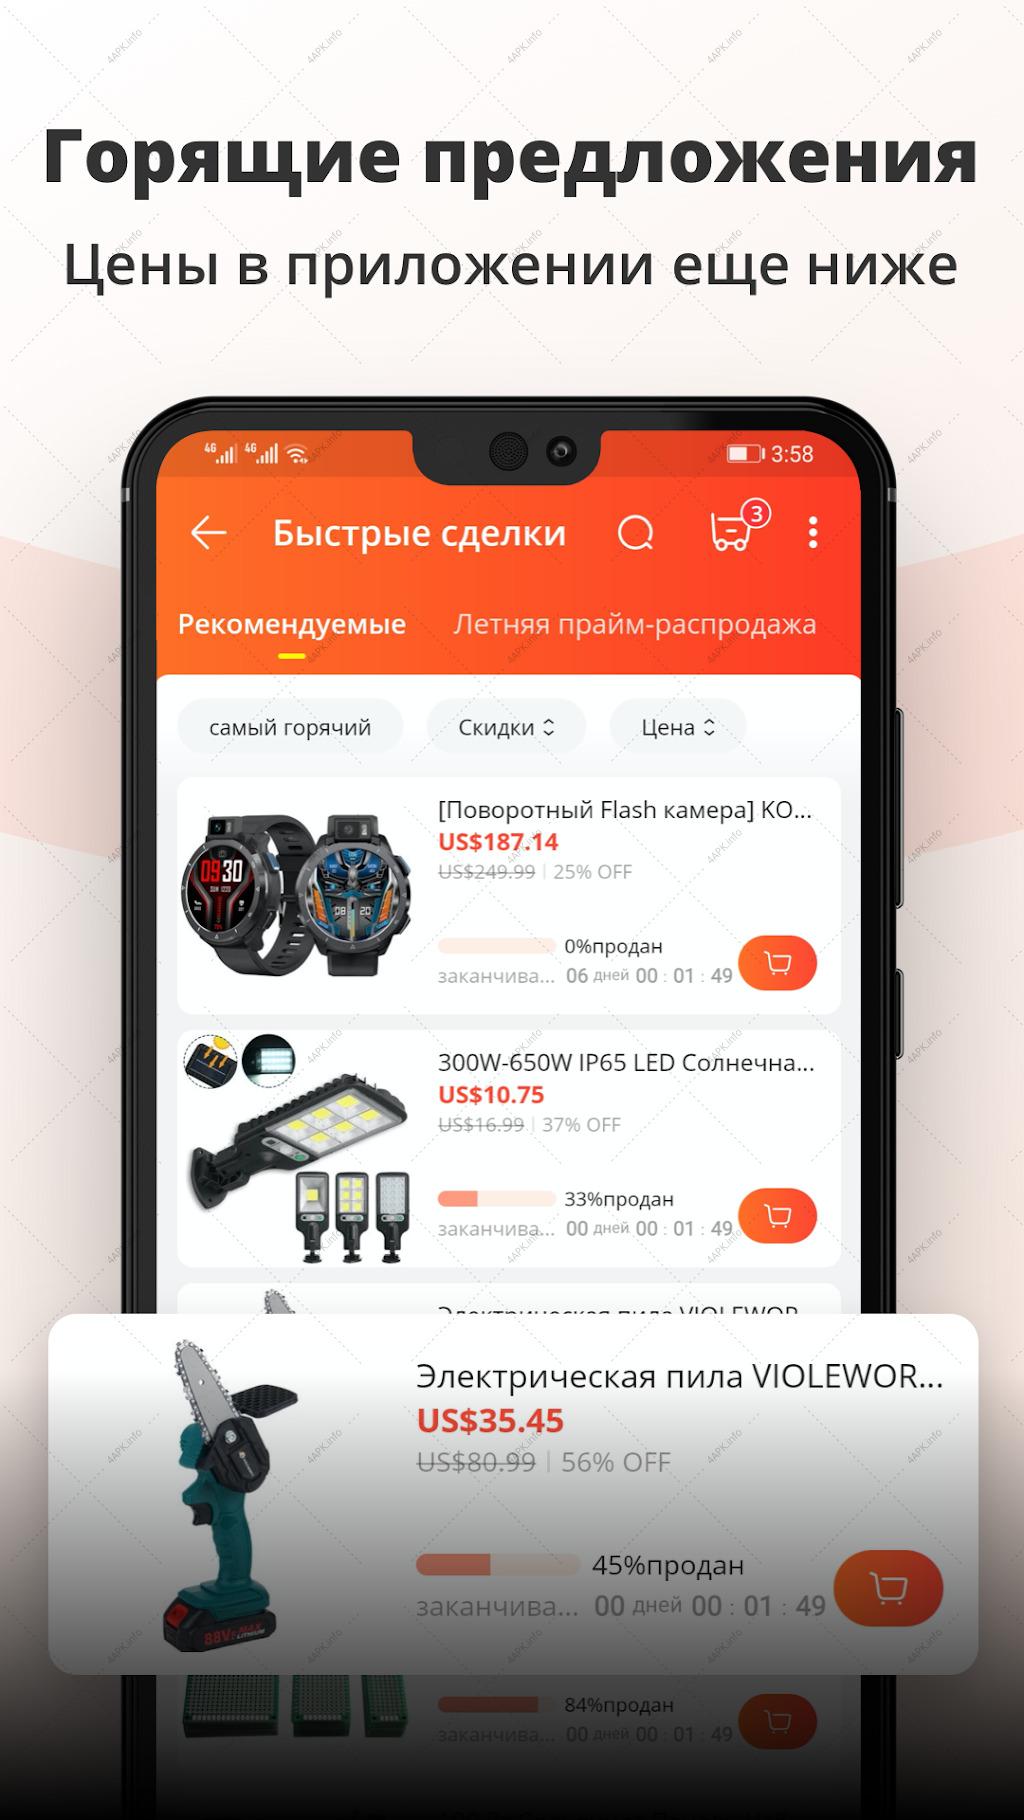 Banggood - Легкие покупки в Интернете screenshot